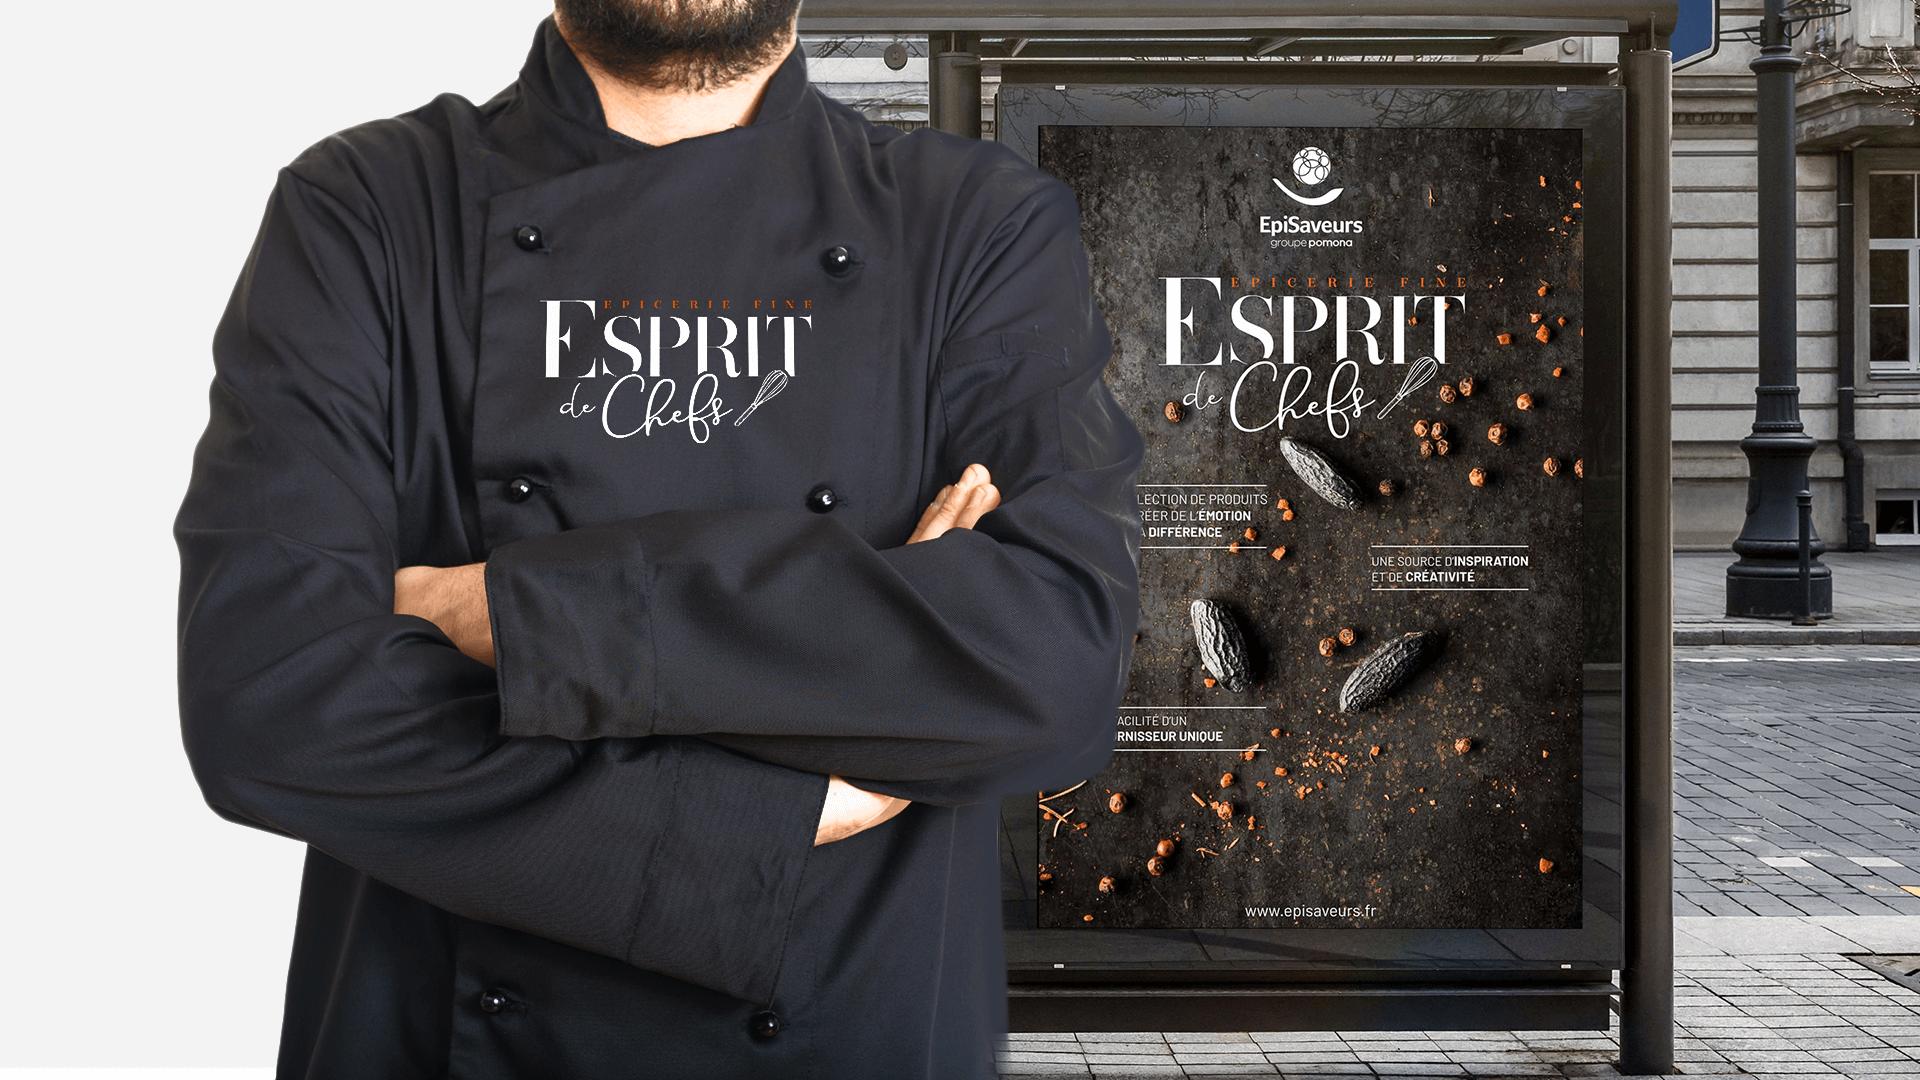 affiche sur abribus et tablier pour le catalogue Esprit de chefs d'EpiSaveurs